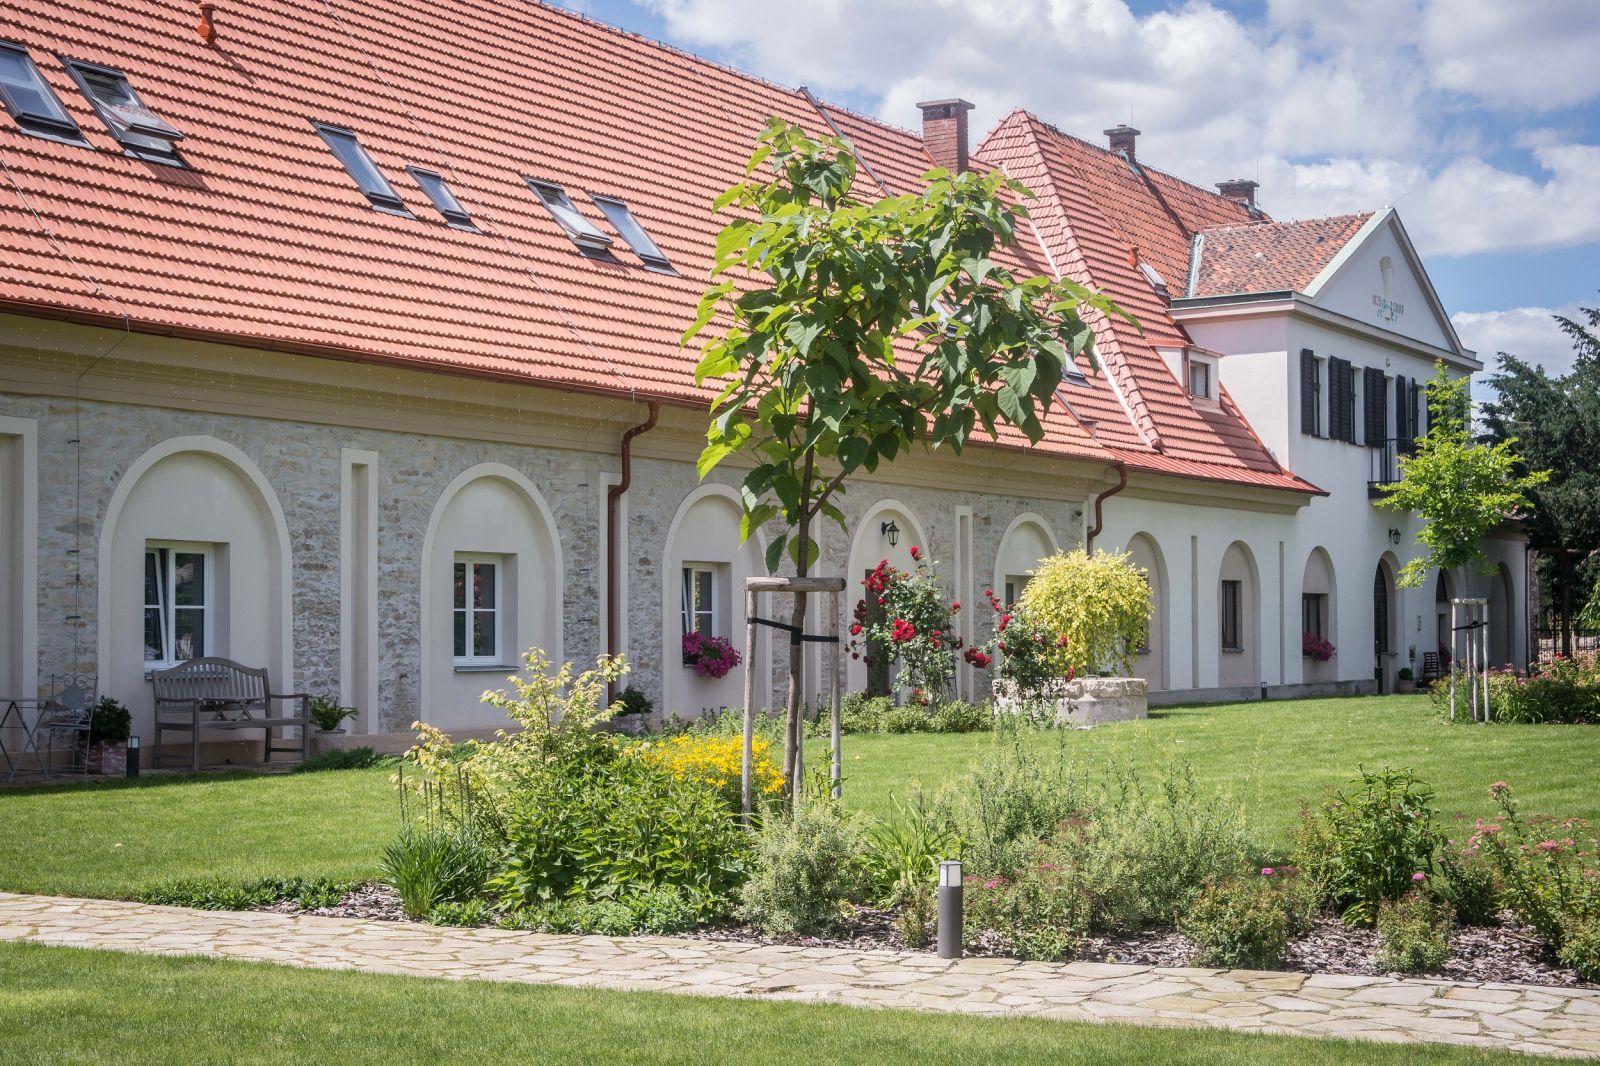 Vyzkoušeli jsme: Na Kmíně - rodinnou usedlost nedaleko Prahy